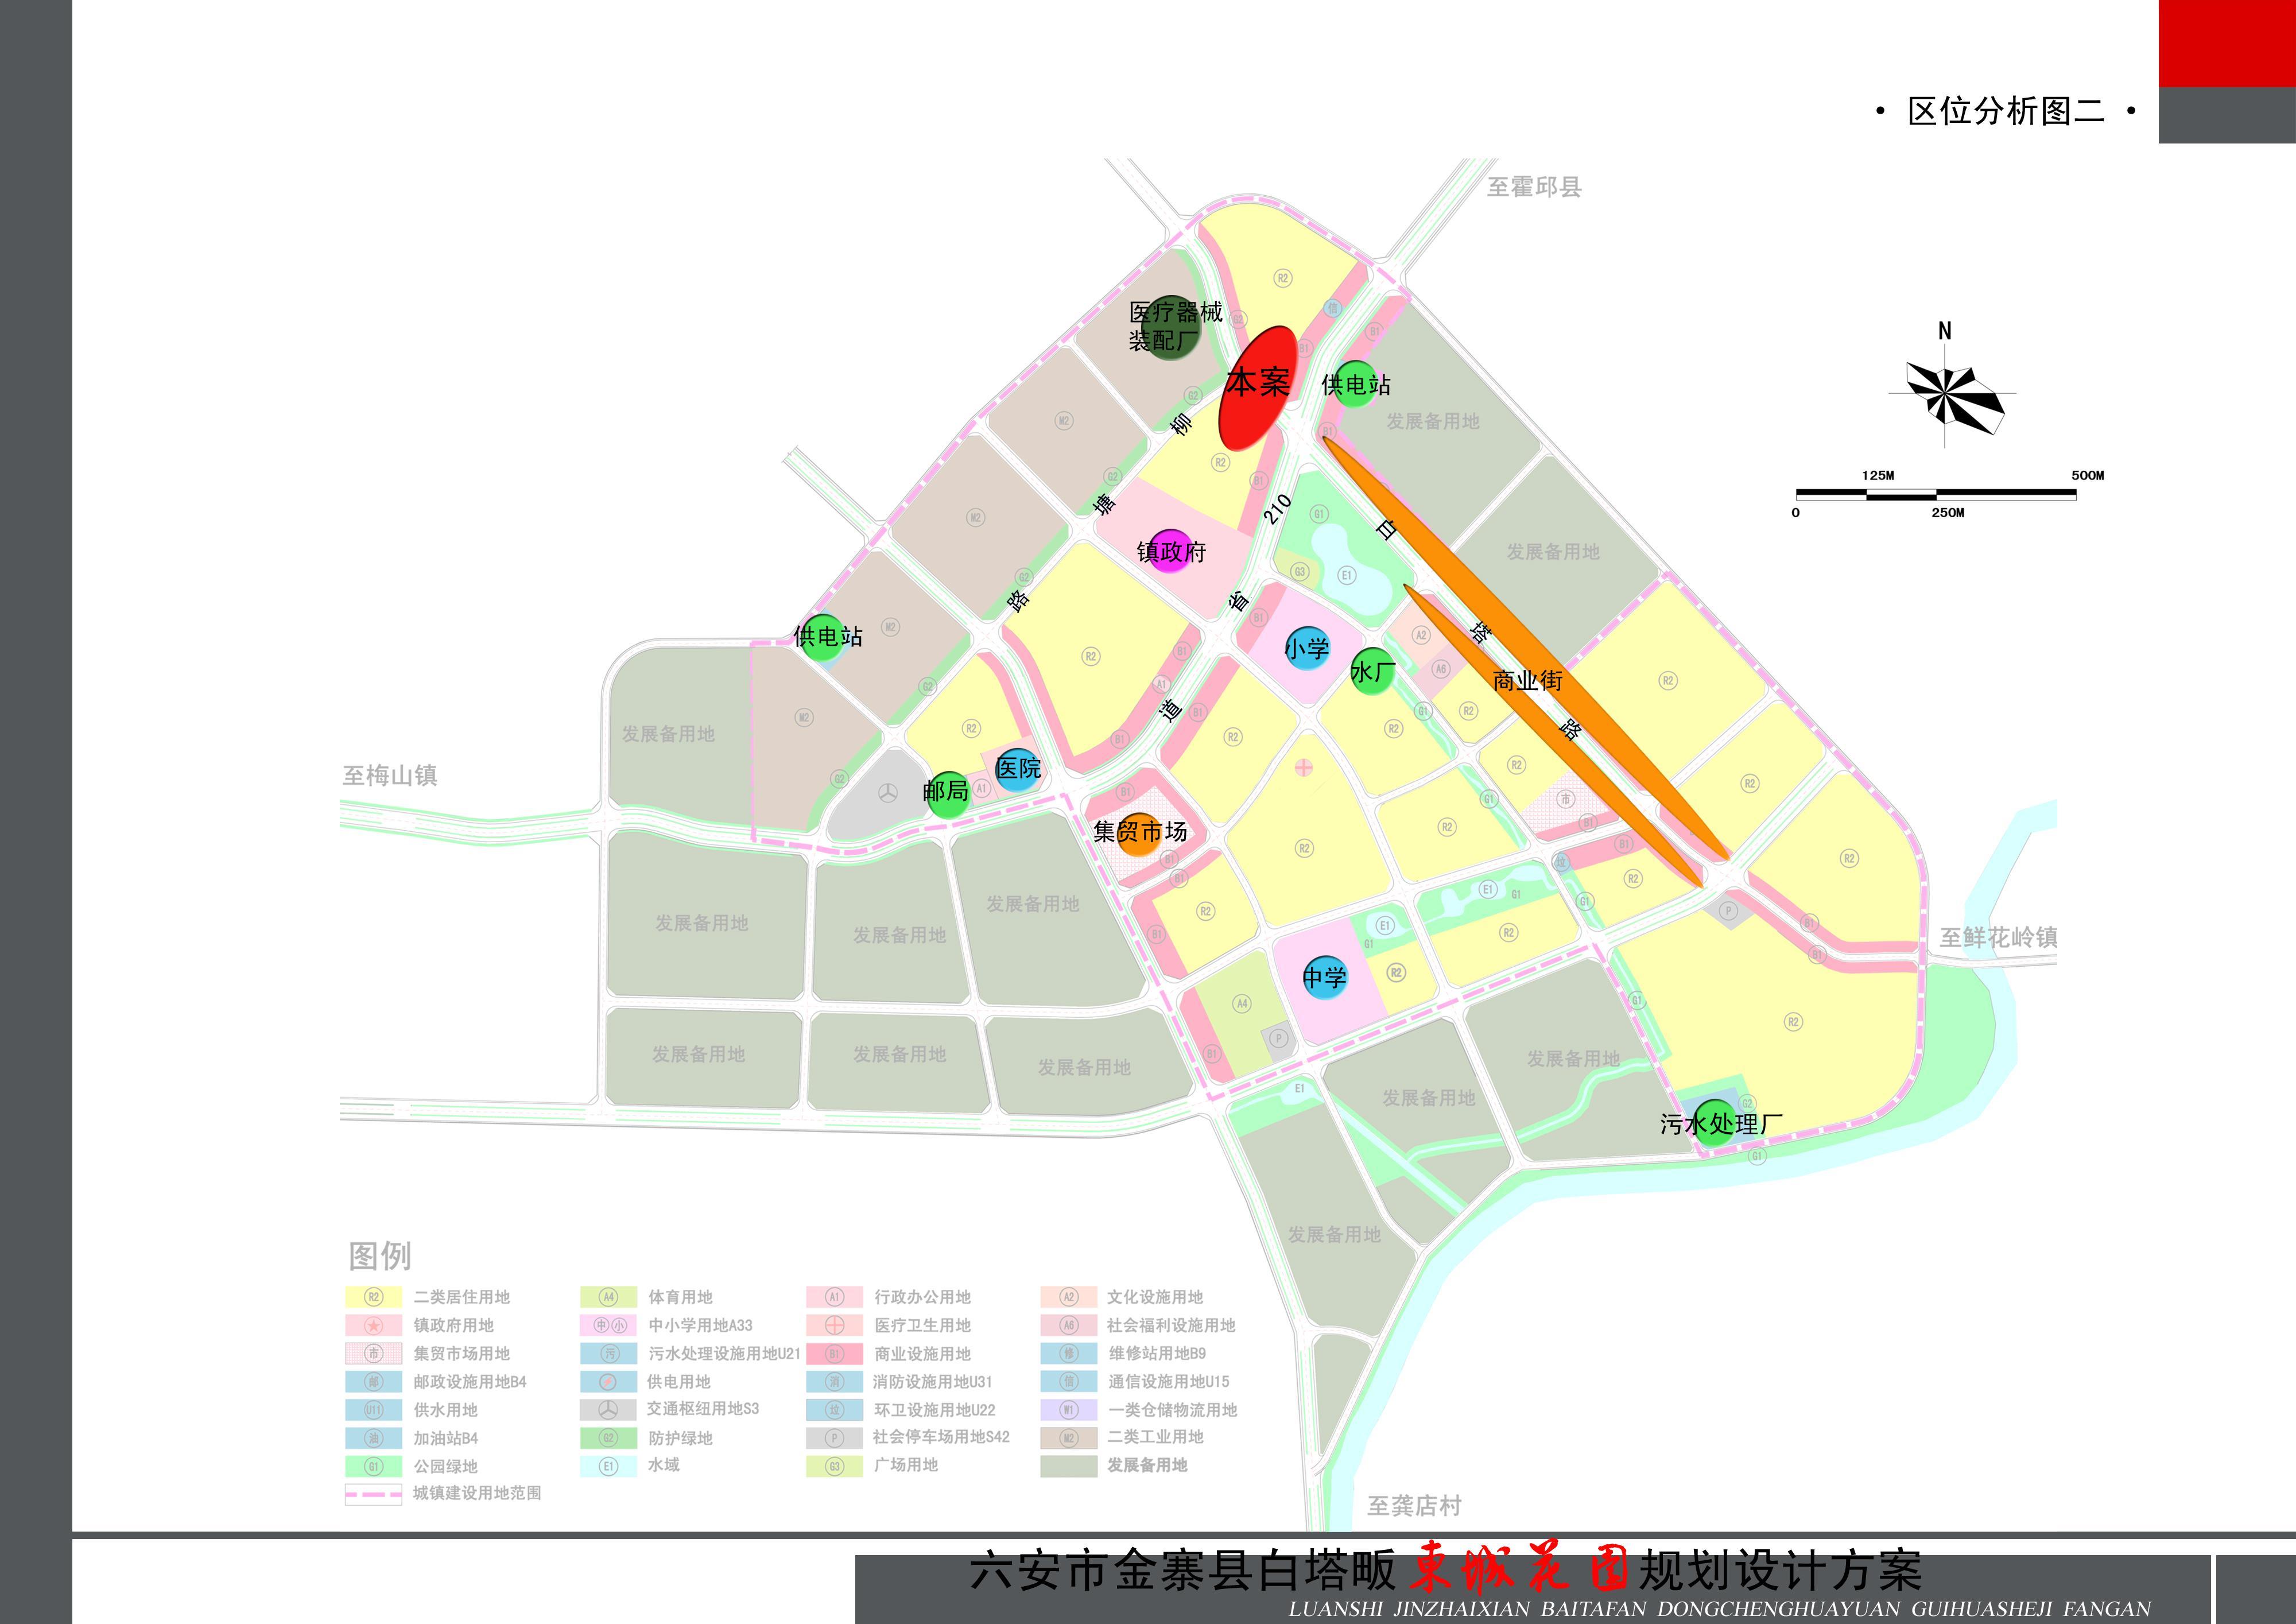 白塔畈镇东城花园小区规划方案批前公示-金寨县城乡